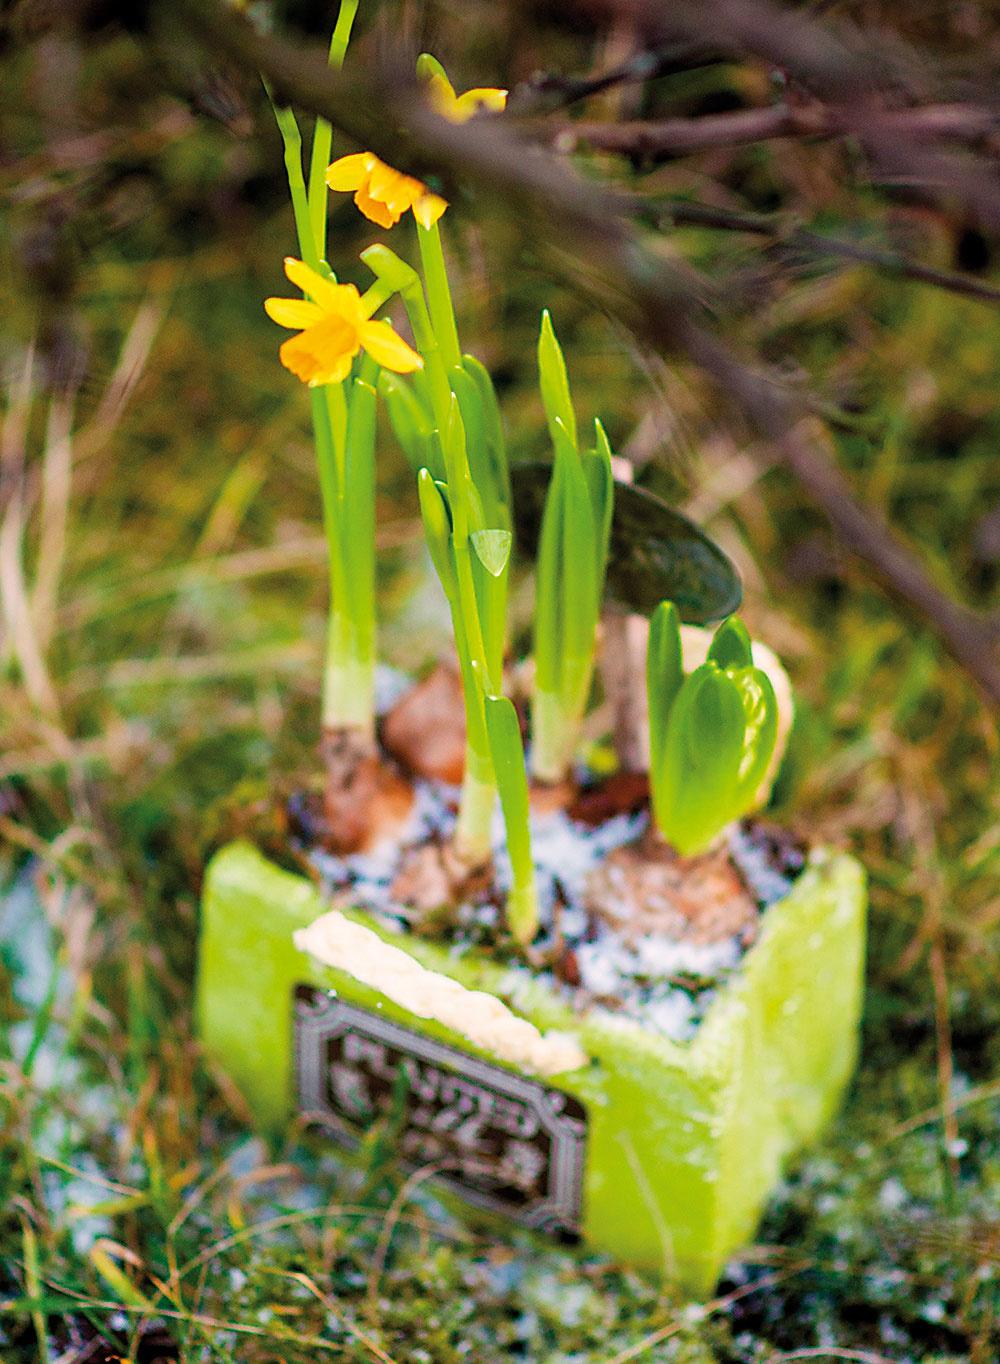 Žiarivý aranžmán. Tento aranžmán upúta na prvý pohľad. Nielen nápadnými žltými kvetmi narcisu (Narcissus), ale aj farbou nádoby. Použili sme keramickú nádobu vtvare malého hranola, ktorá má výraznú zelenú farbu. Aby nebolo vidno substrát, pokryli sme povrch pôdy opäť machom.